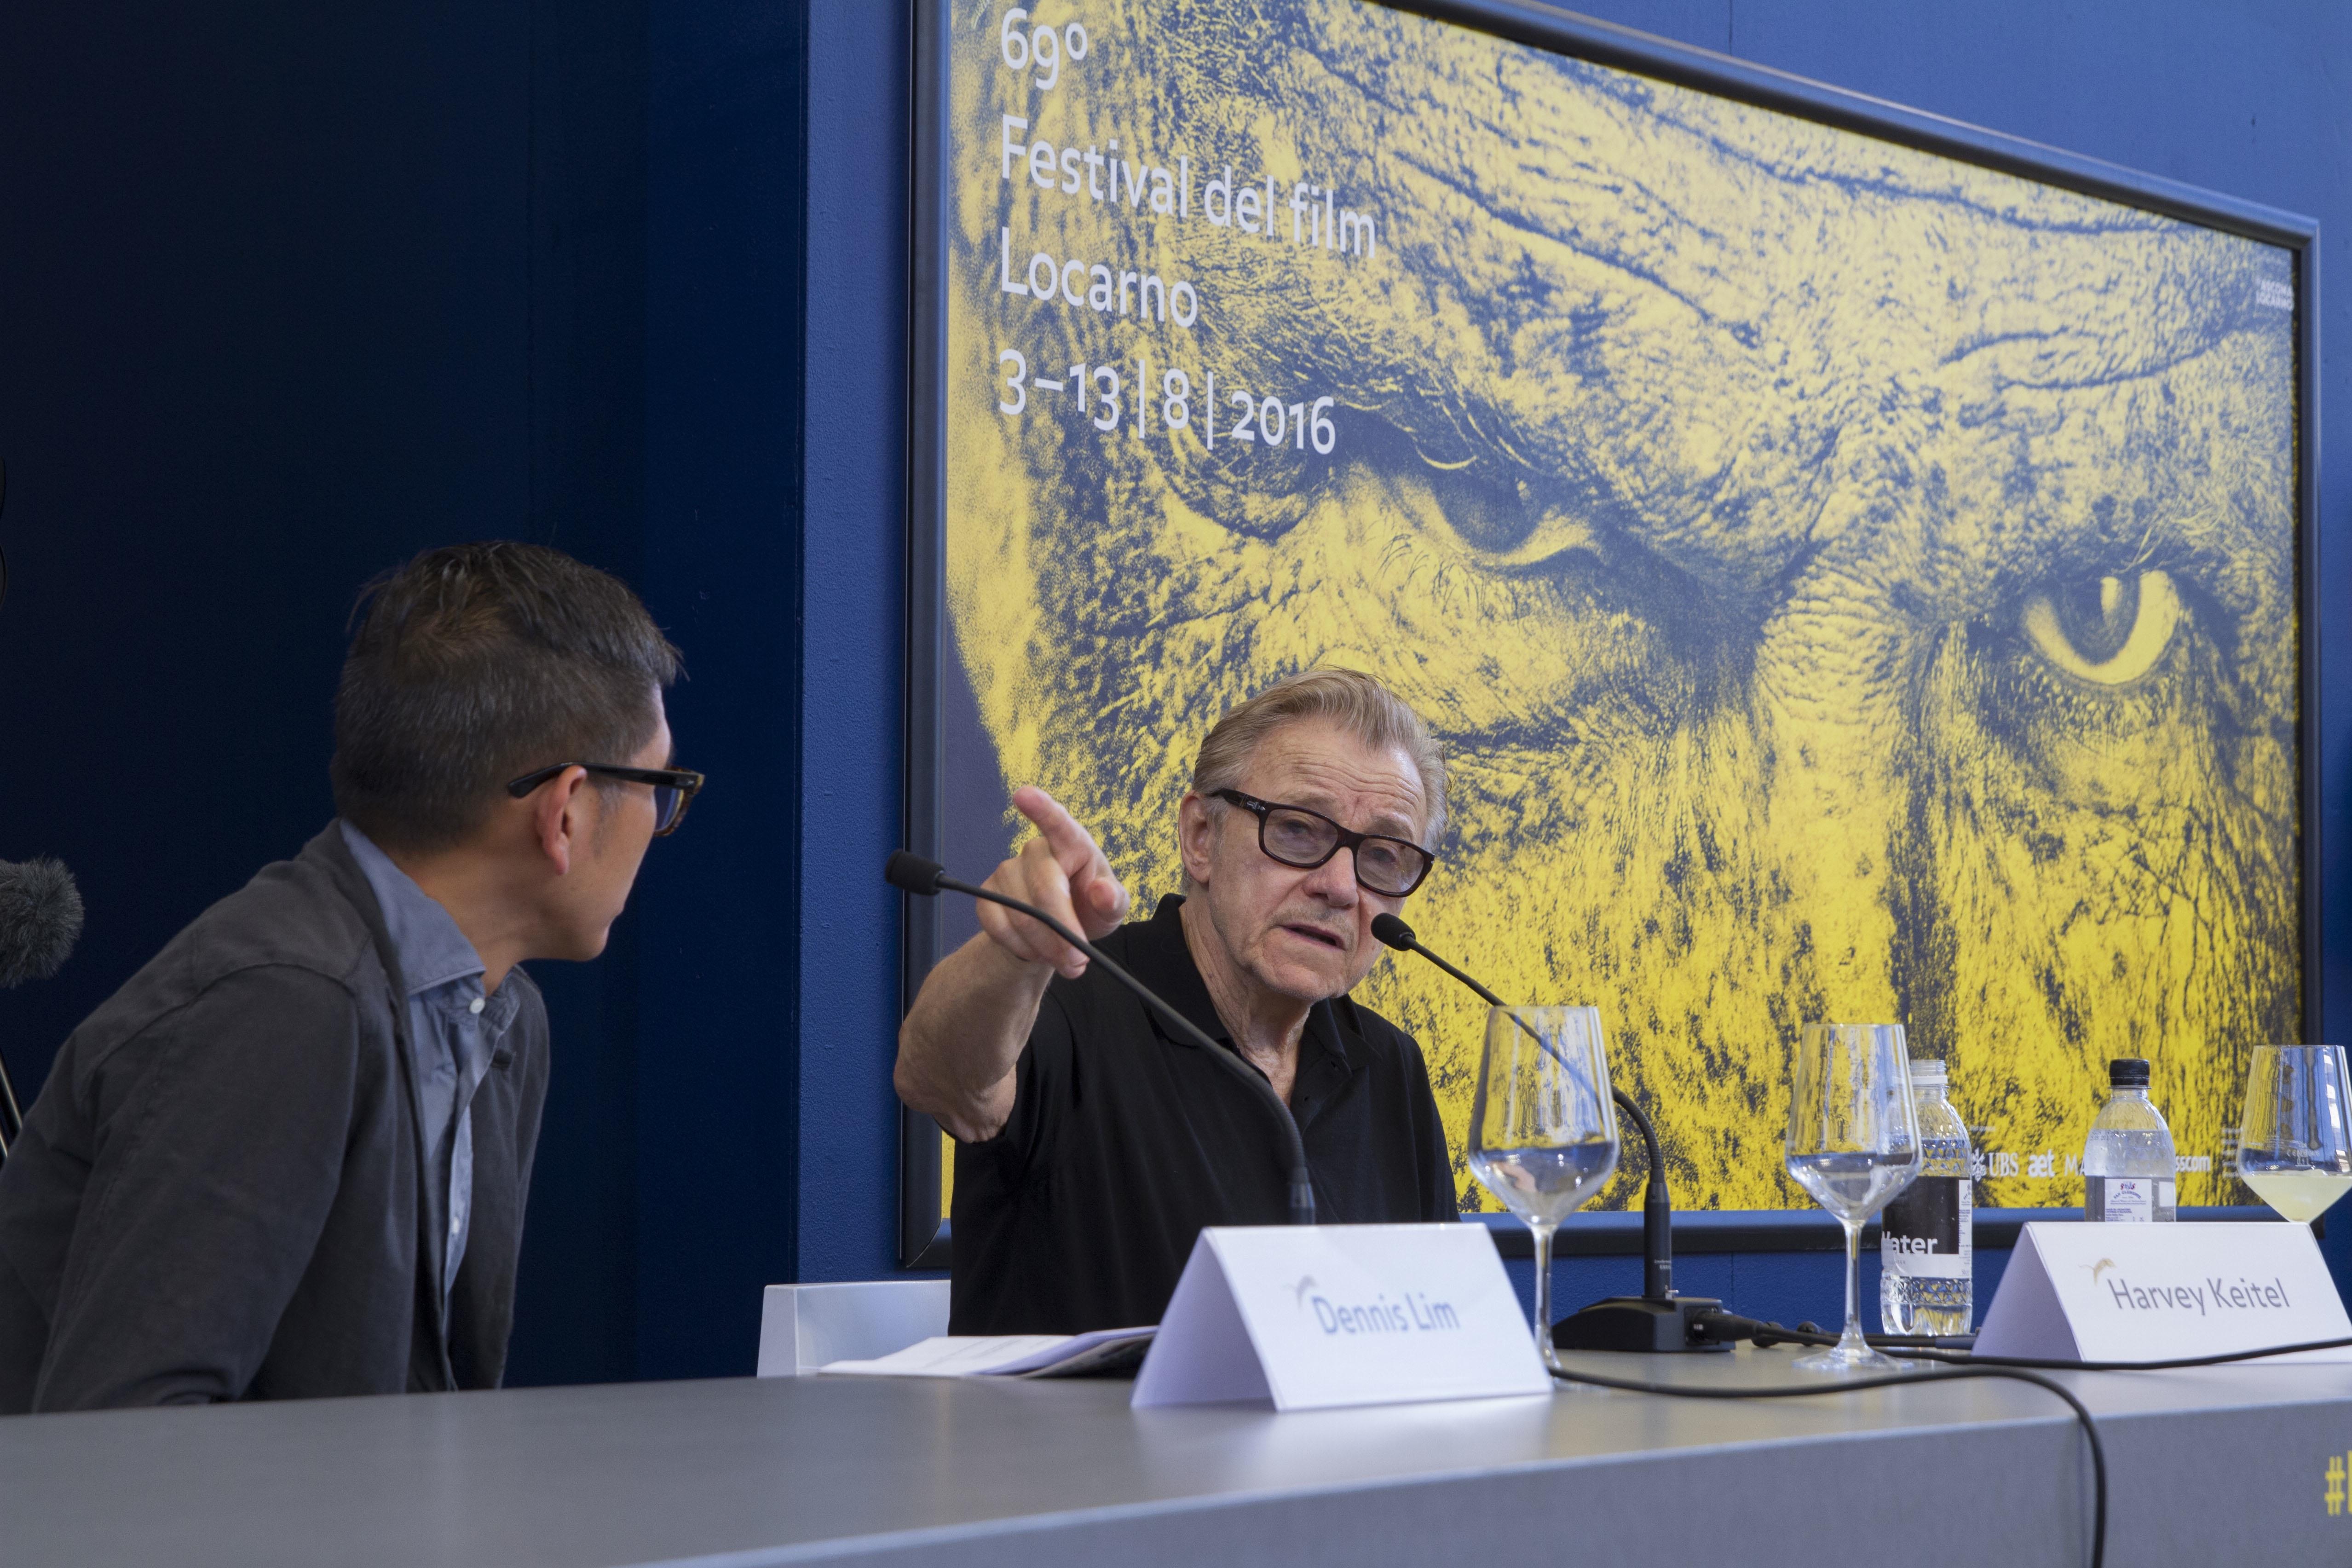 Bild: Festival del film Locarno/Sailas Vanetti